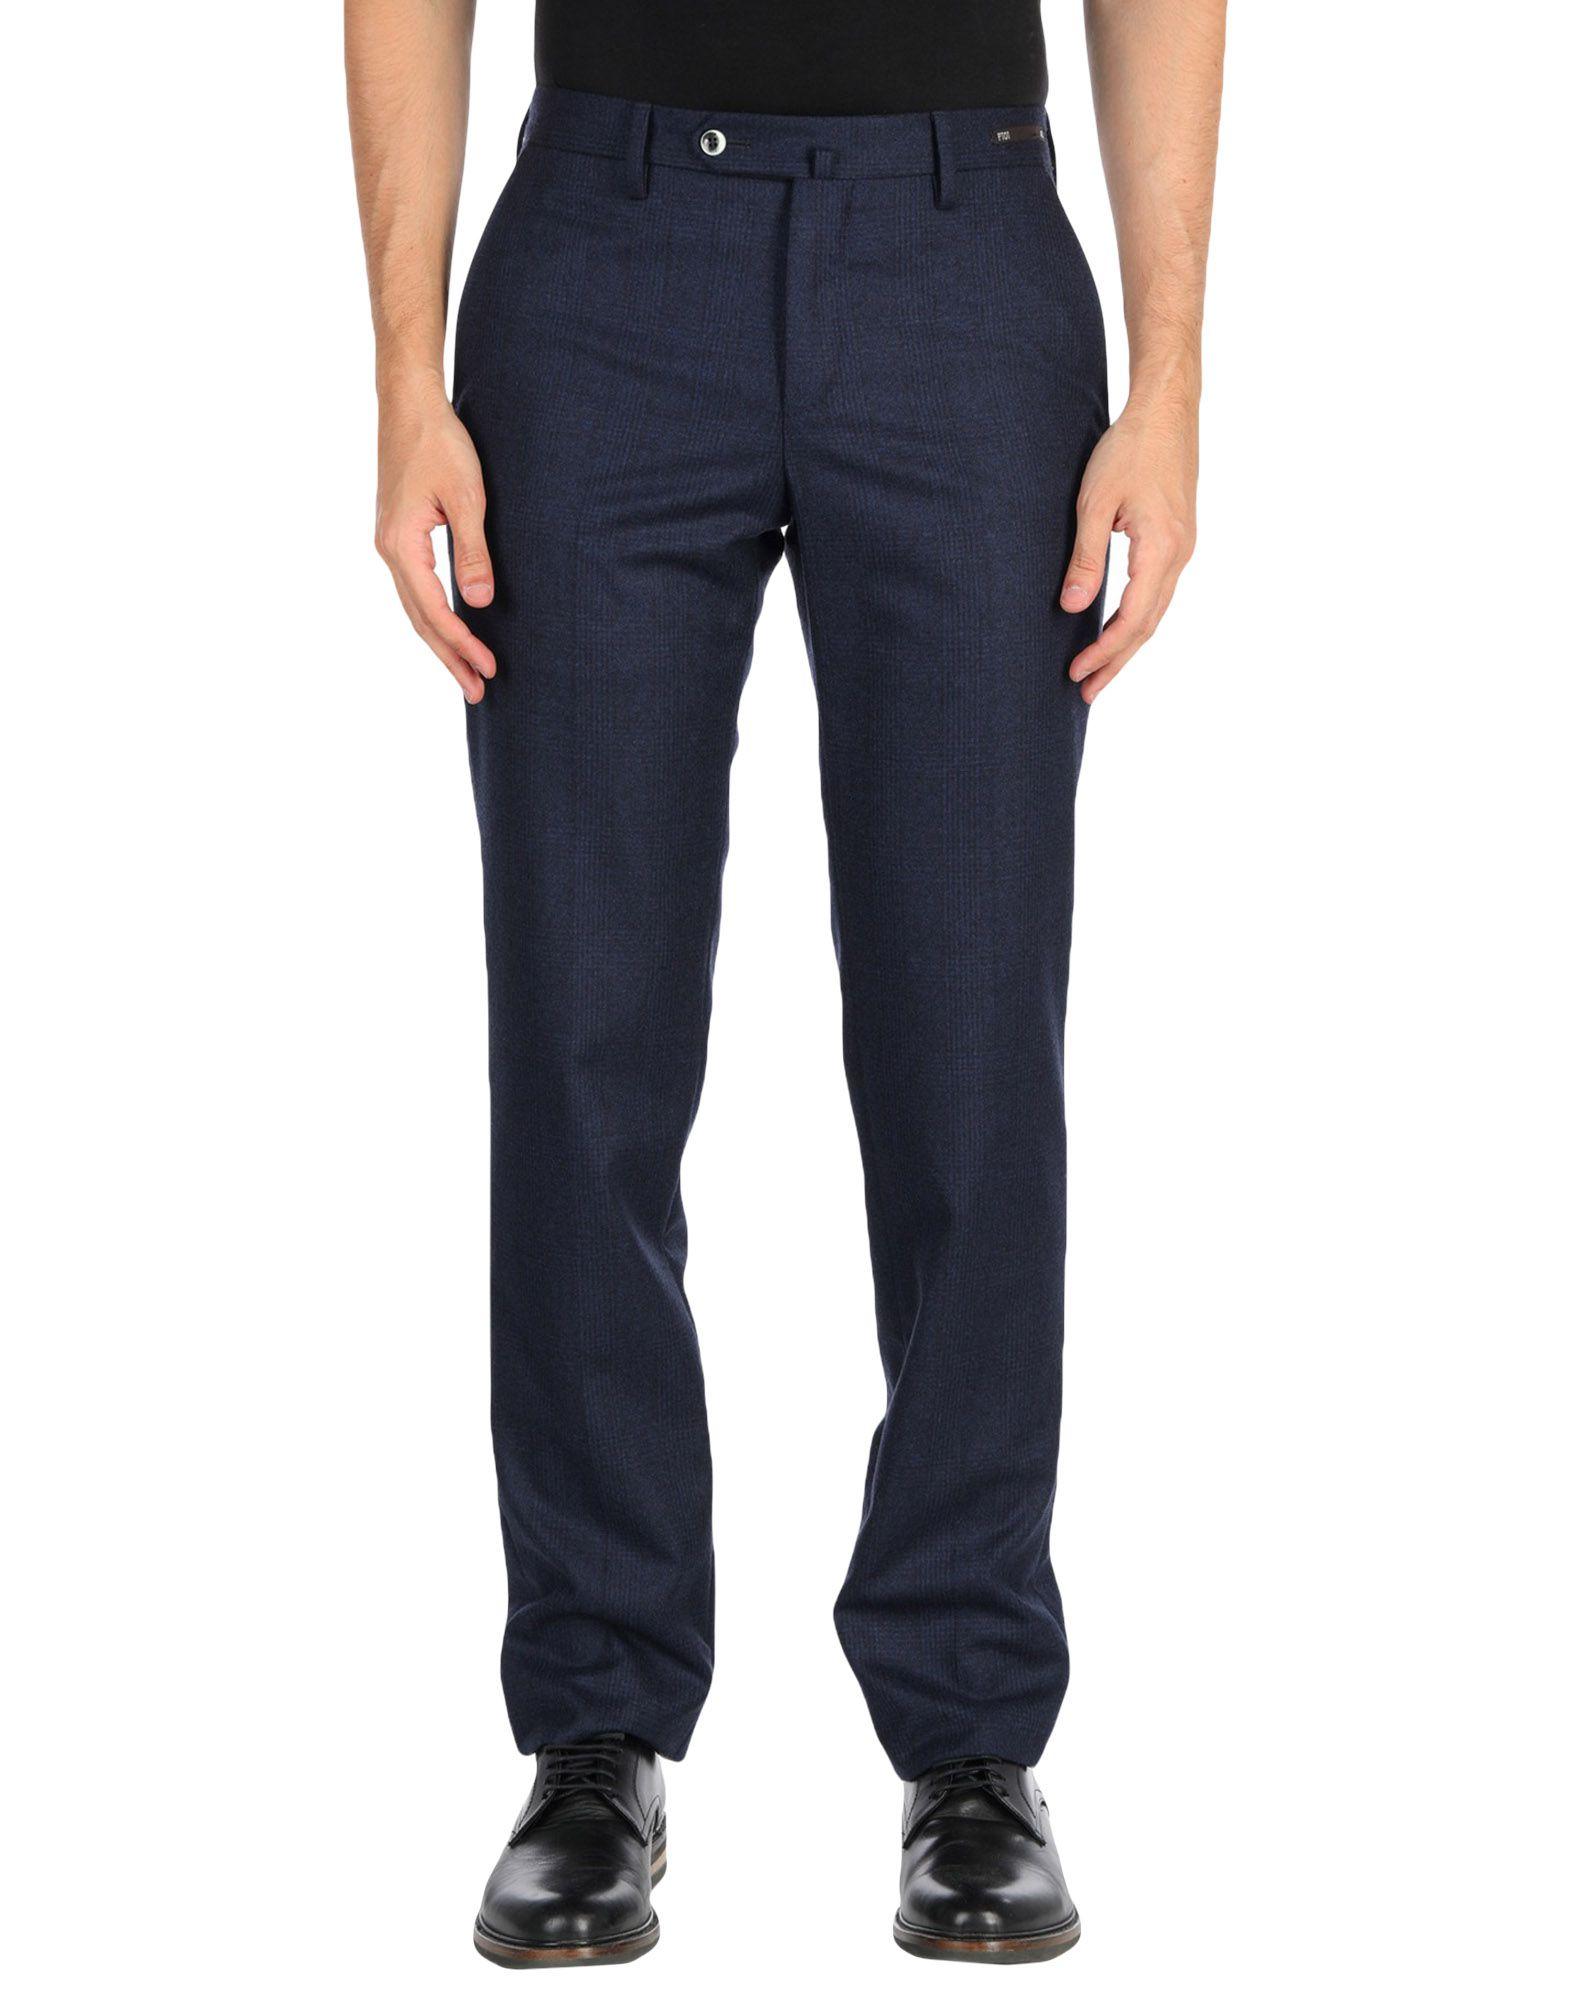 《送料無料》PT01 メンズ パンツ ダークブルー 46 100% スーパー110 ウール